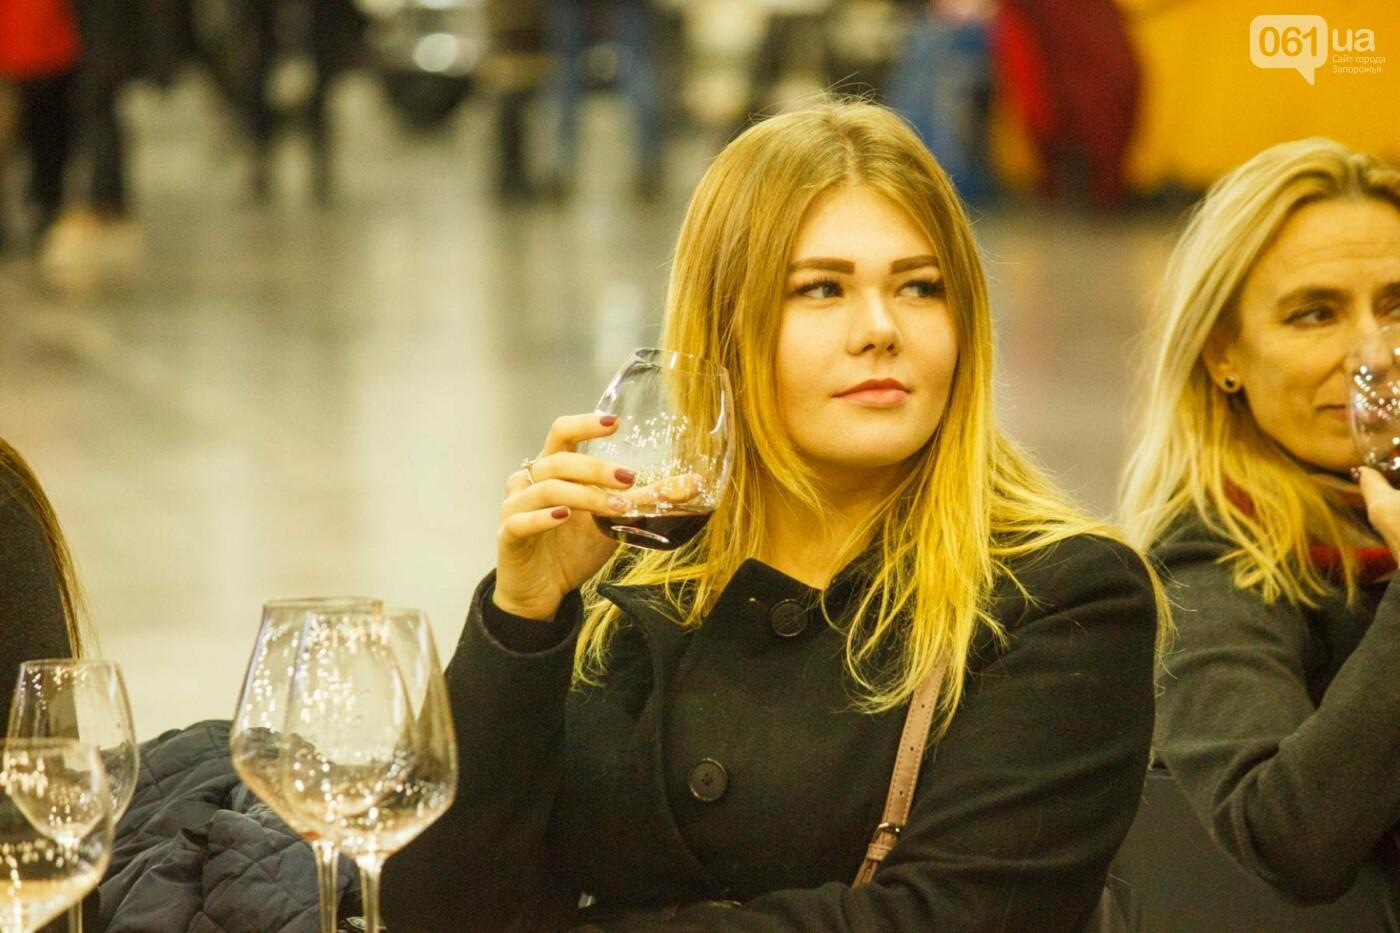 Шеф-повара запорожских ресторанов провели мастер-класс для горожан: как это было, - ФОТОРЕПОРТАЖ, фото-70